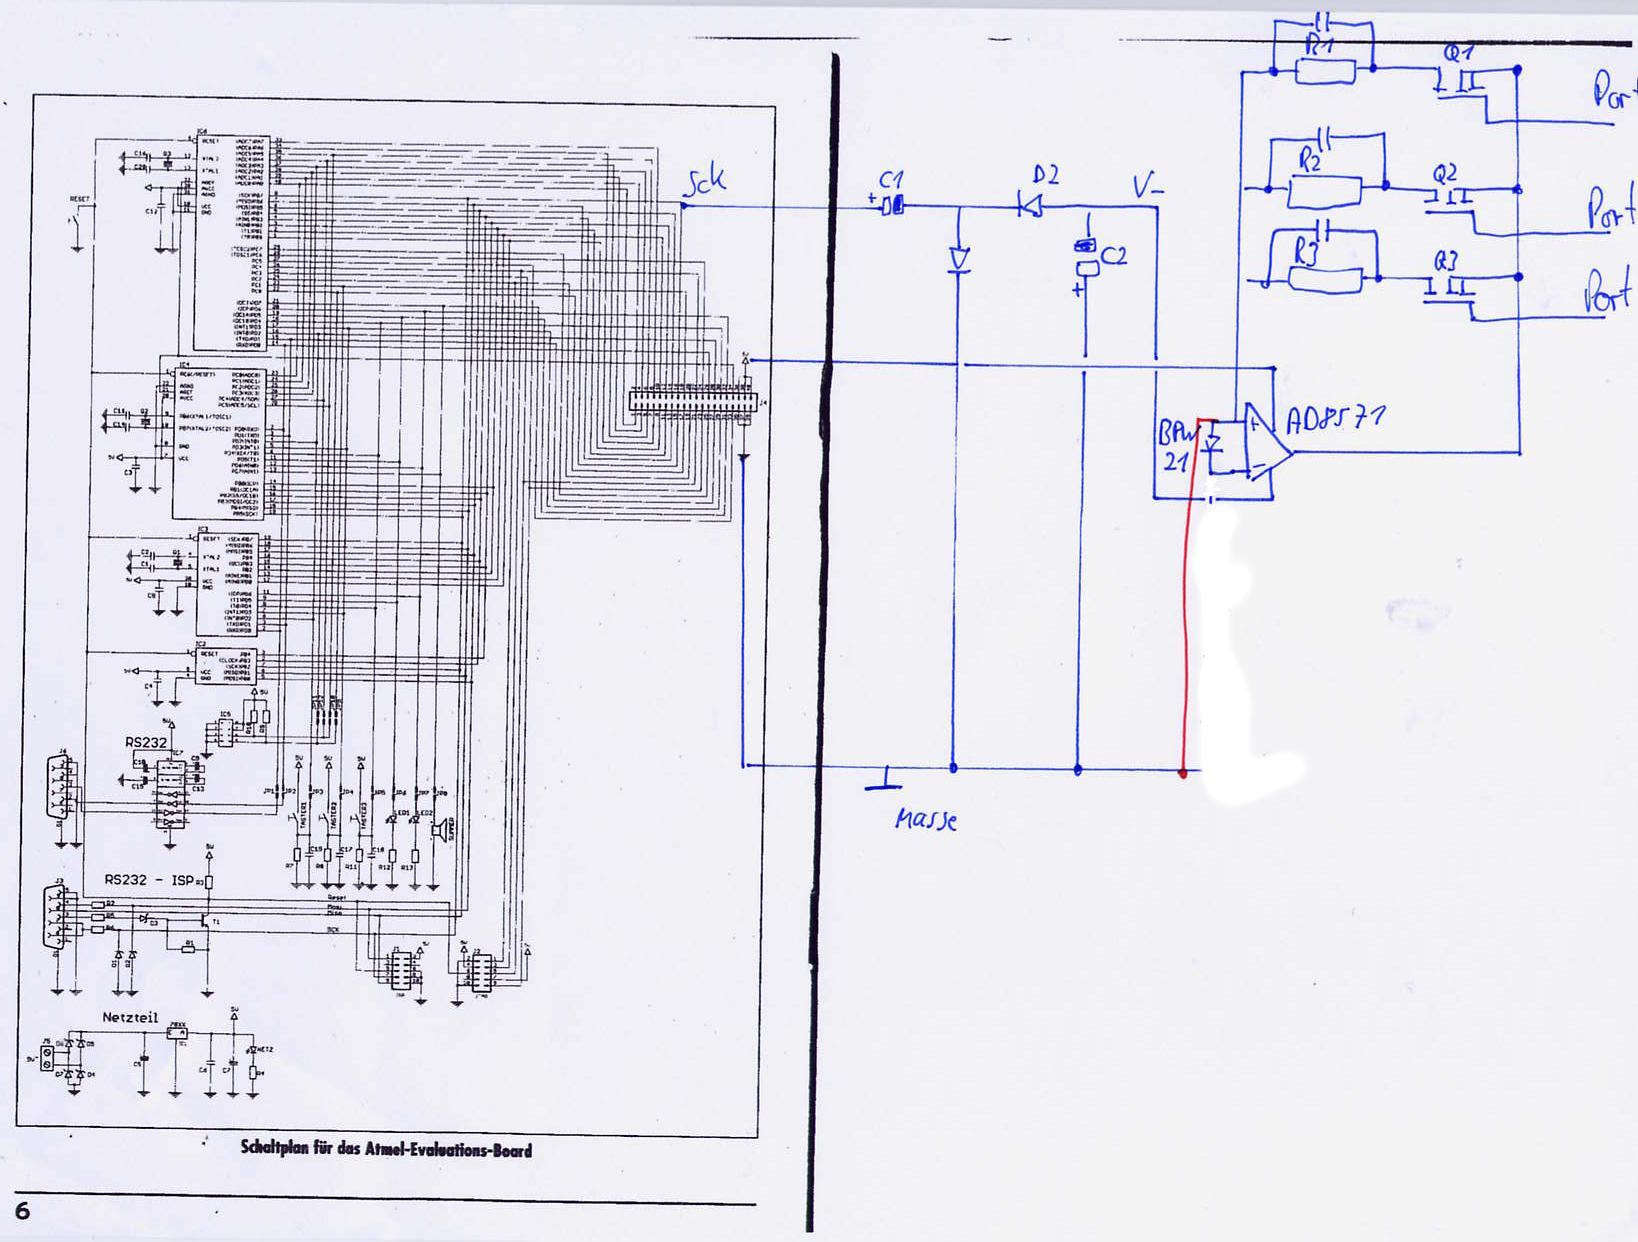 Lichtsensor überprüfen aber wie? - Mikrocontroller.net